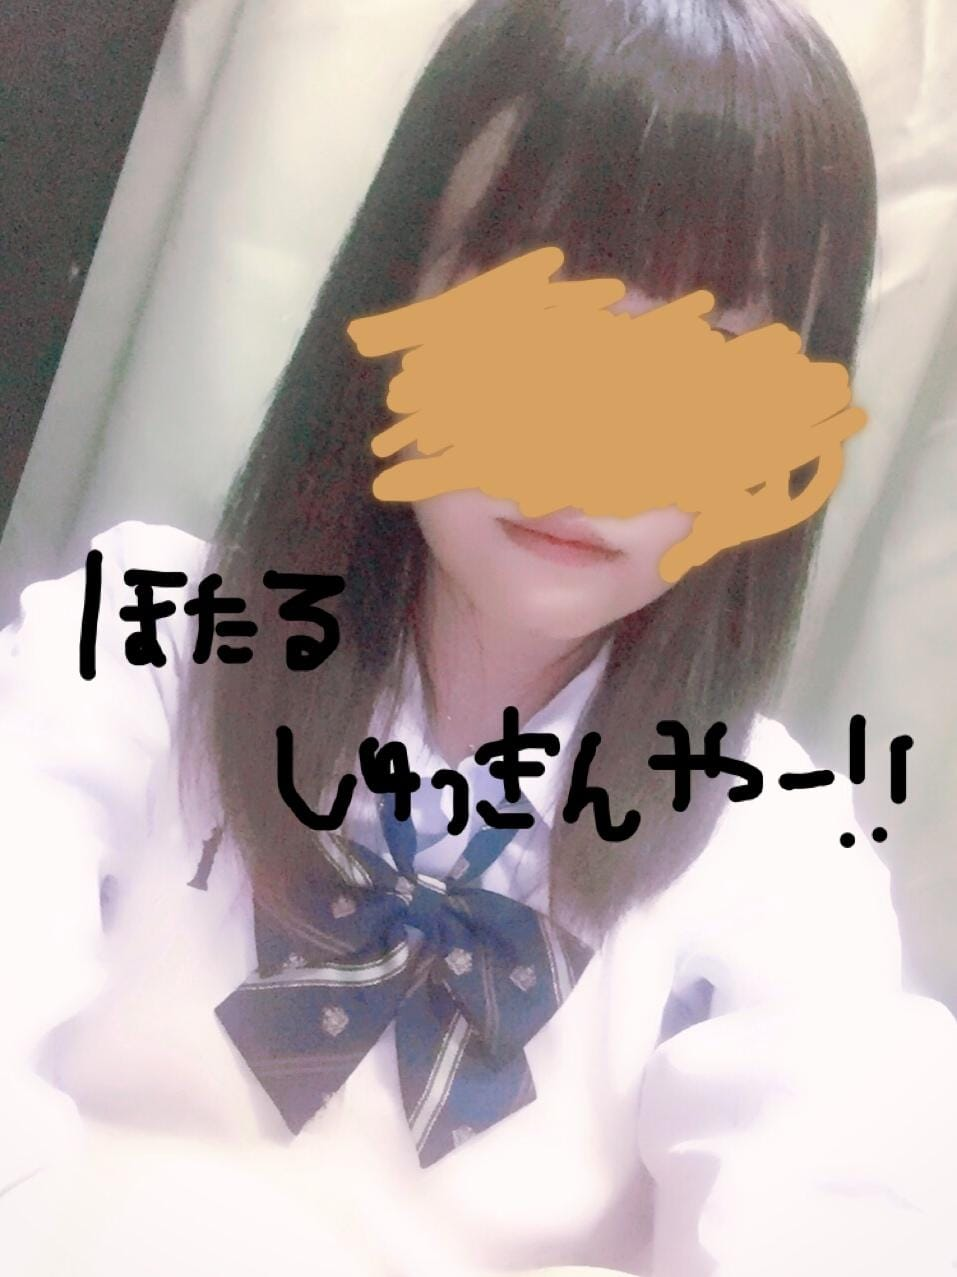 「☆☆ほ た る\( ´ω` )/」05/24(木) 20:56 | ほたるの写メ・風俗動画